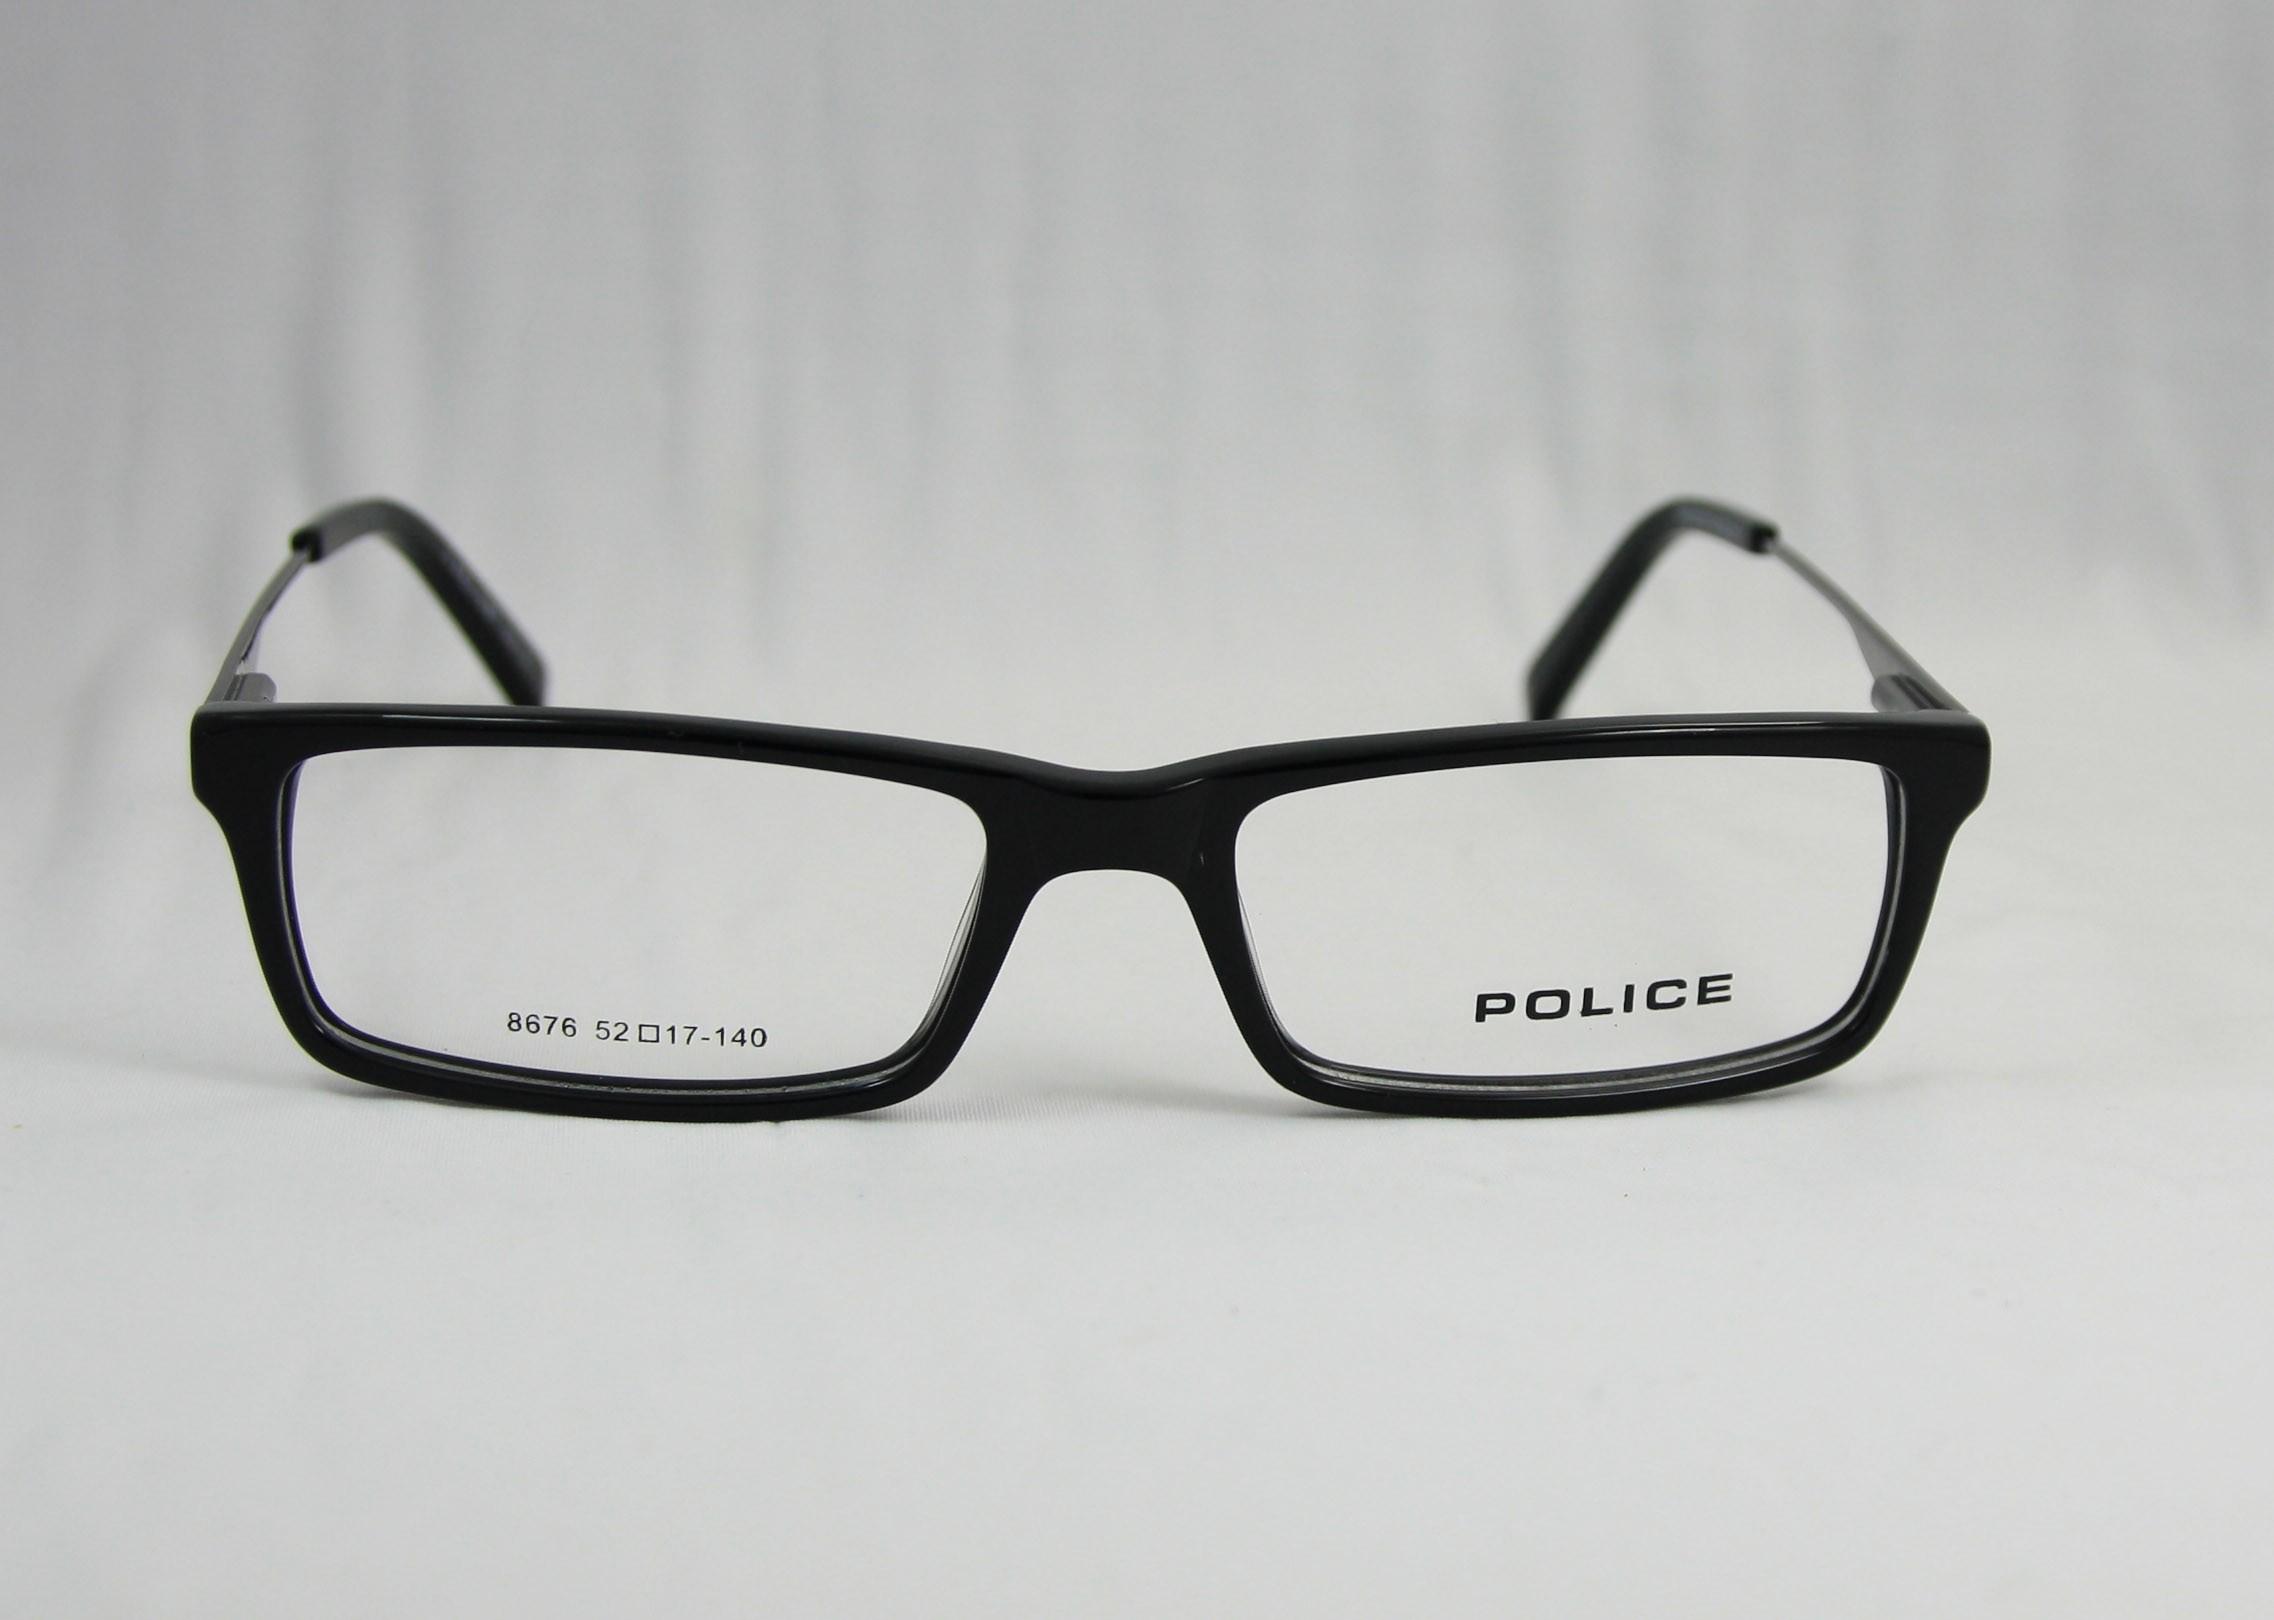 1a98f81ec 300.00 رس. نظارة طبية